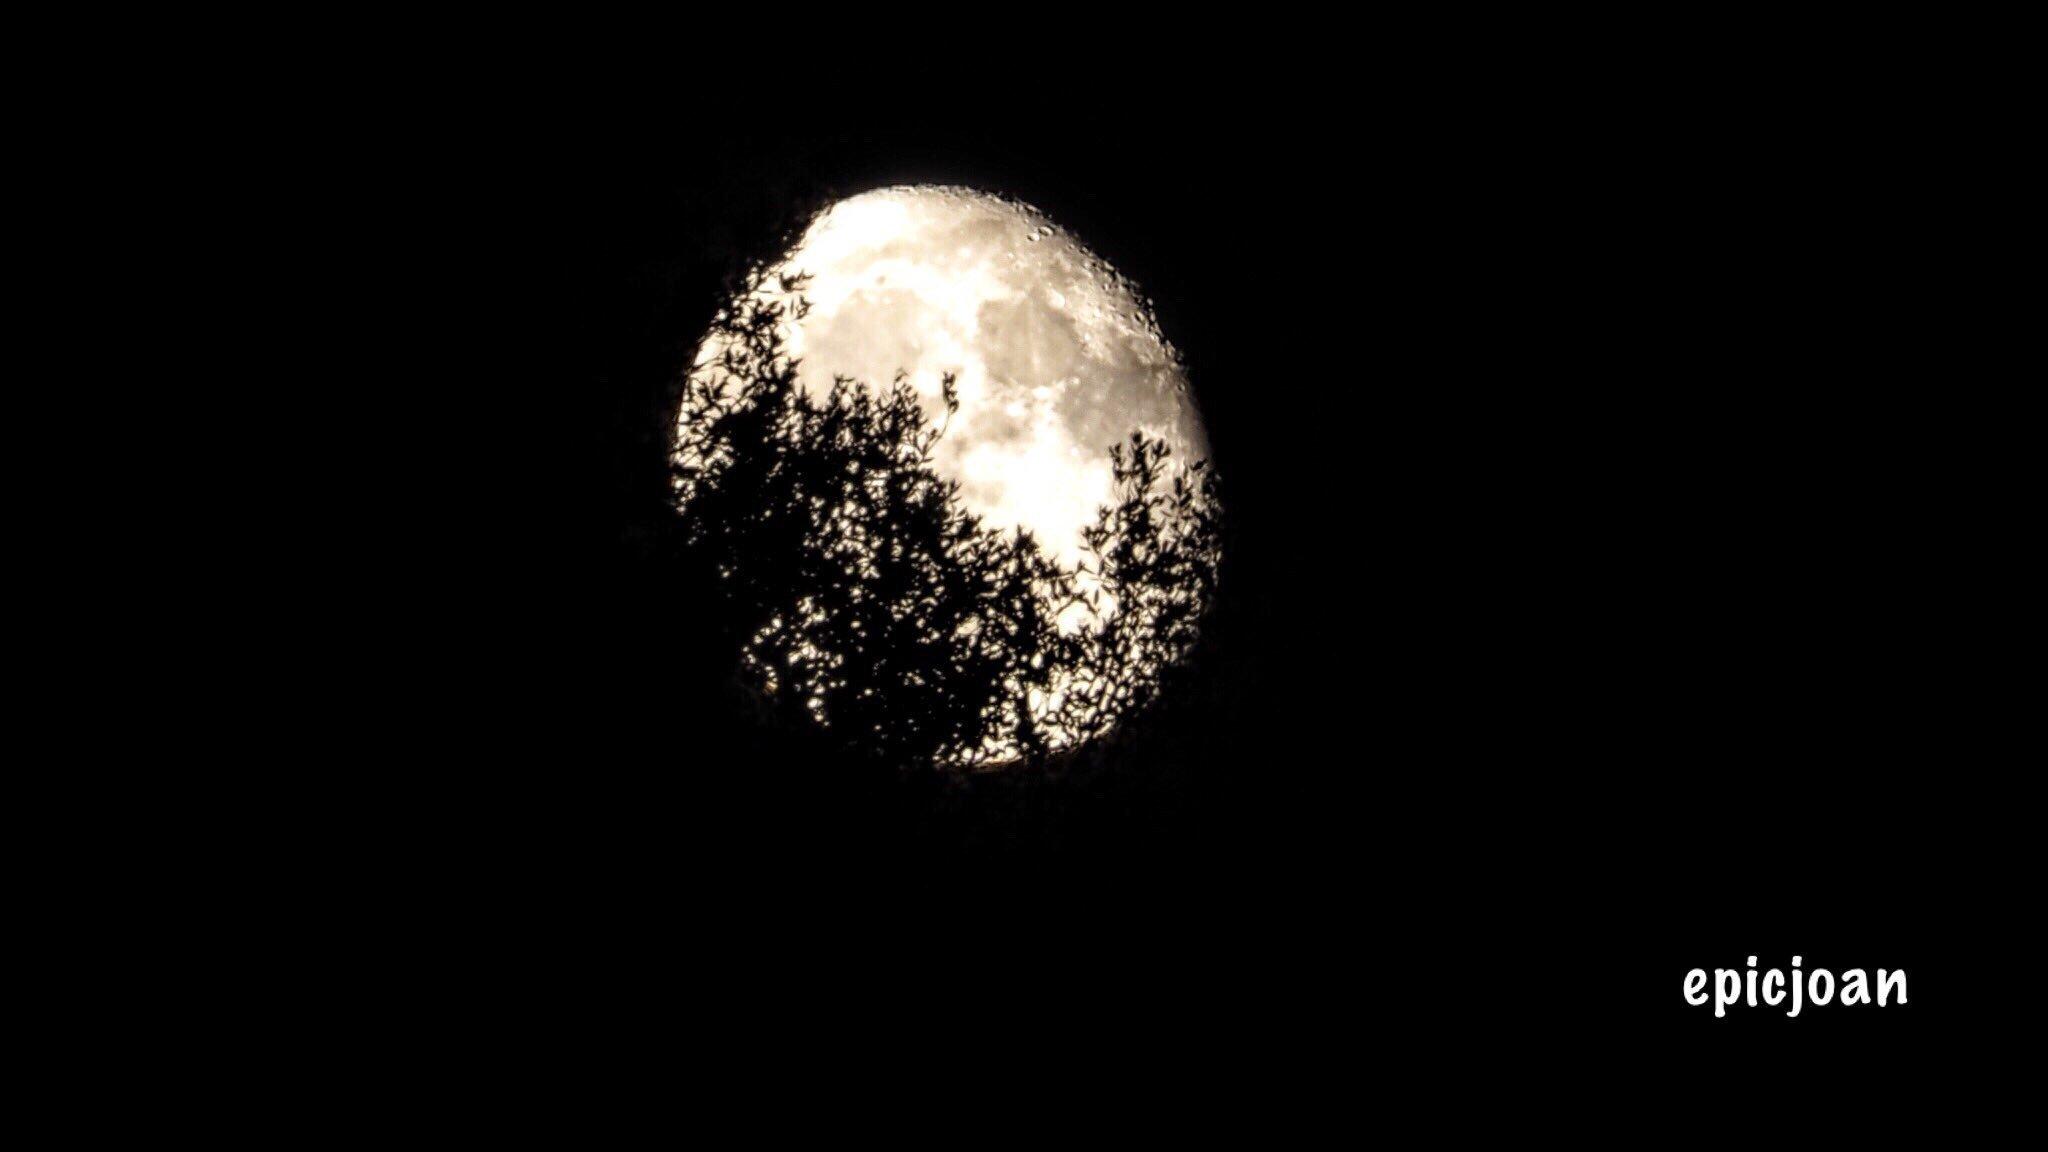 RT @epicjoan1: ahir a la nit,sortida de la lluna entre arbres i barrejant-se en els núvols @SoniaPapell @AASCV @OlympusUK @esolympus @Monica_Usart @MeteoAdM @AlfredRPico @BCNmeteo @BonaSerrat @SergiLoras @estelsiplanetes @El_Universo_Hoy #cielosESA @PepJordana https://t.co/Z9Uw8EHAiW